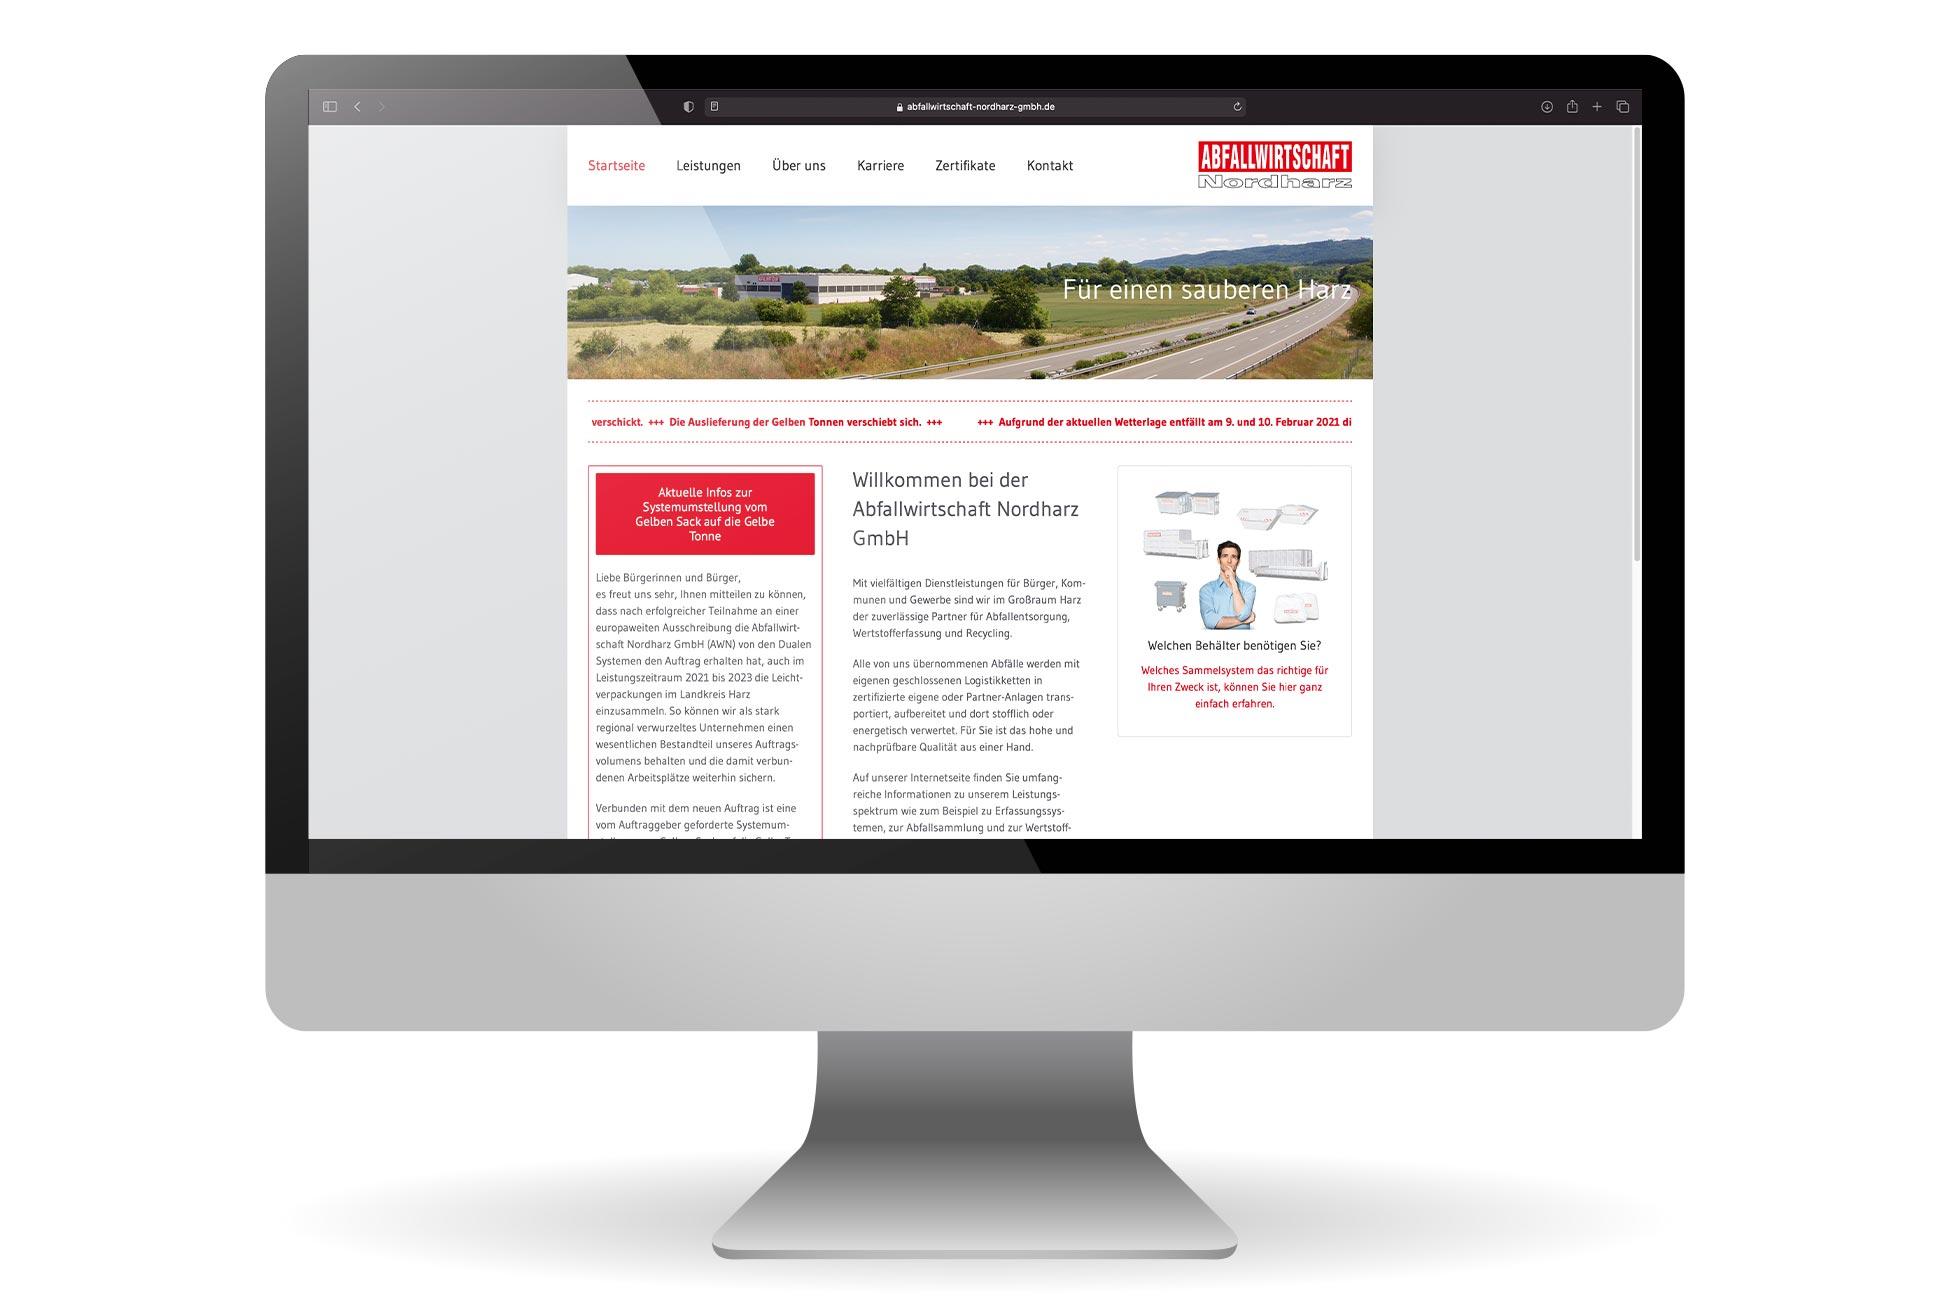 Abfallwirtschaft Nordharz GmbH